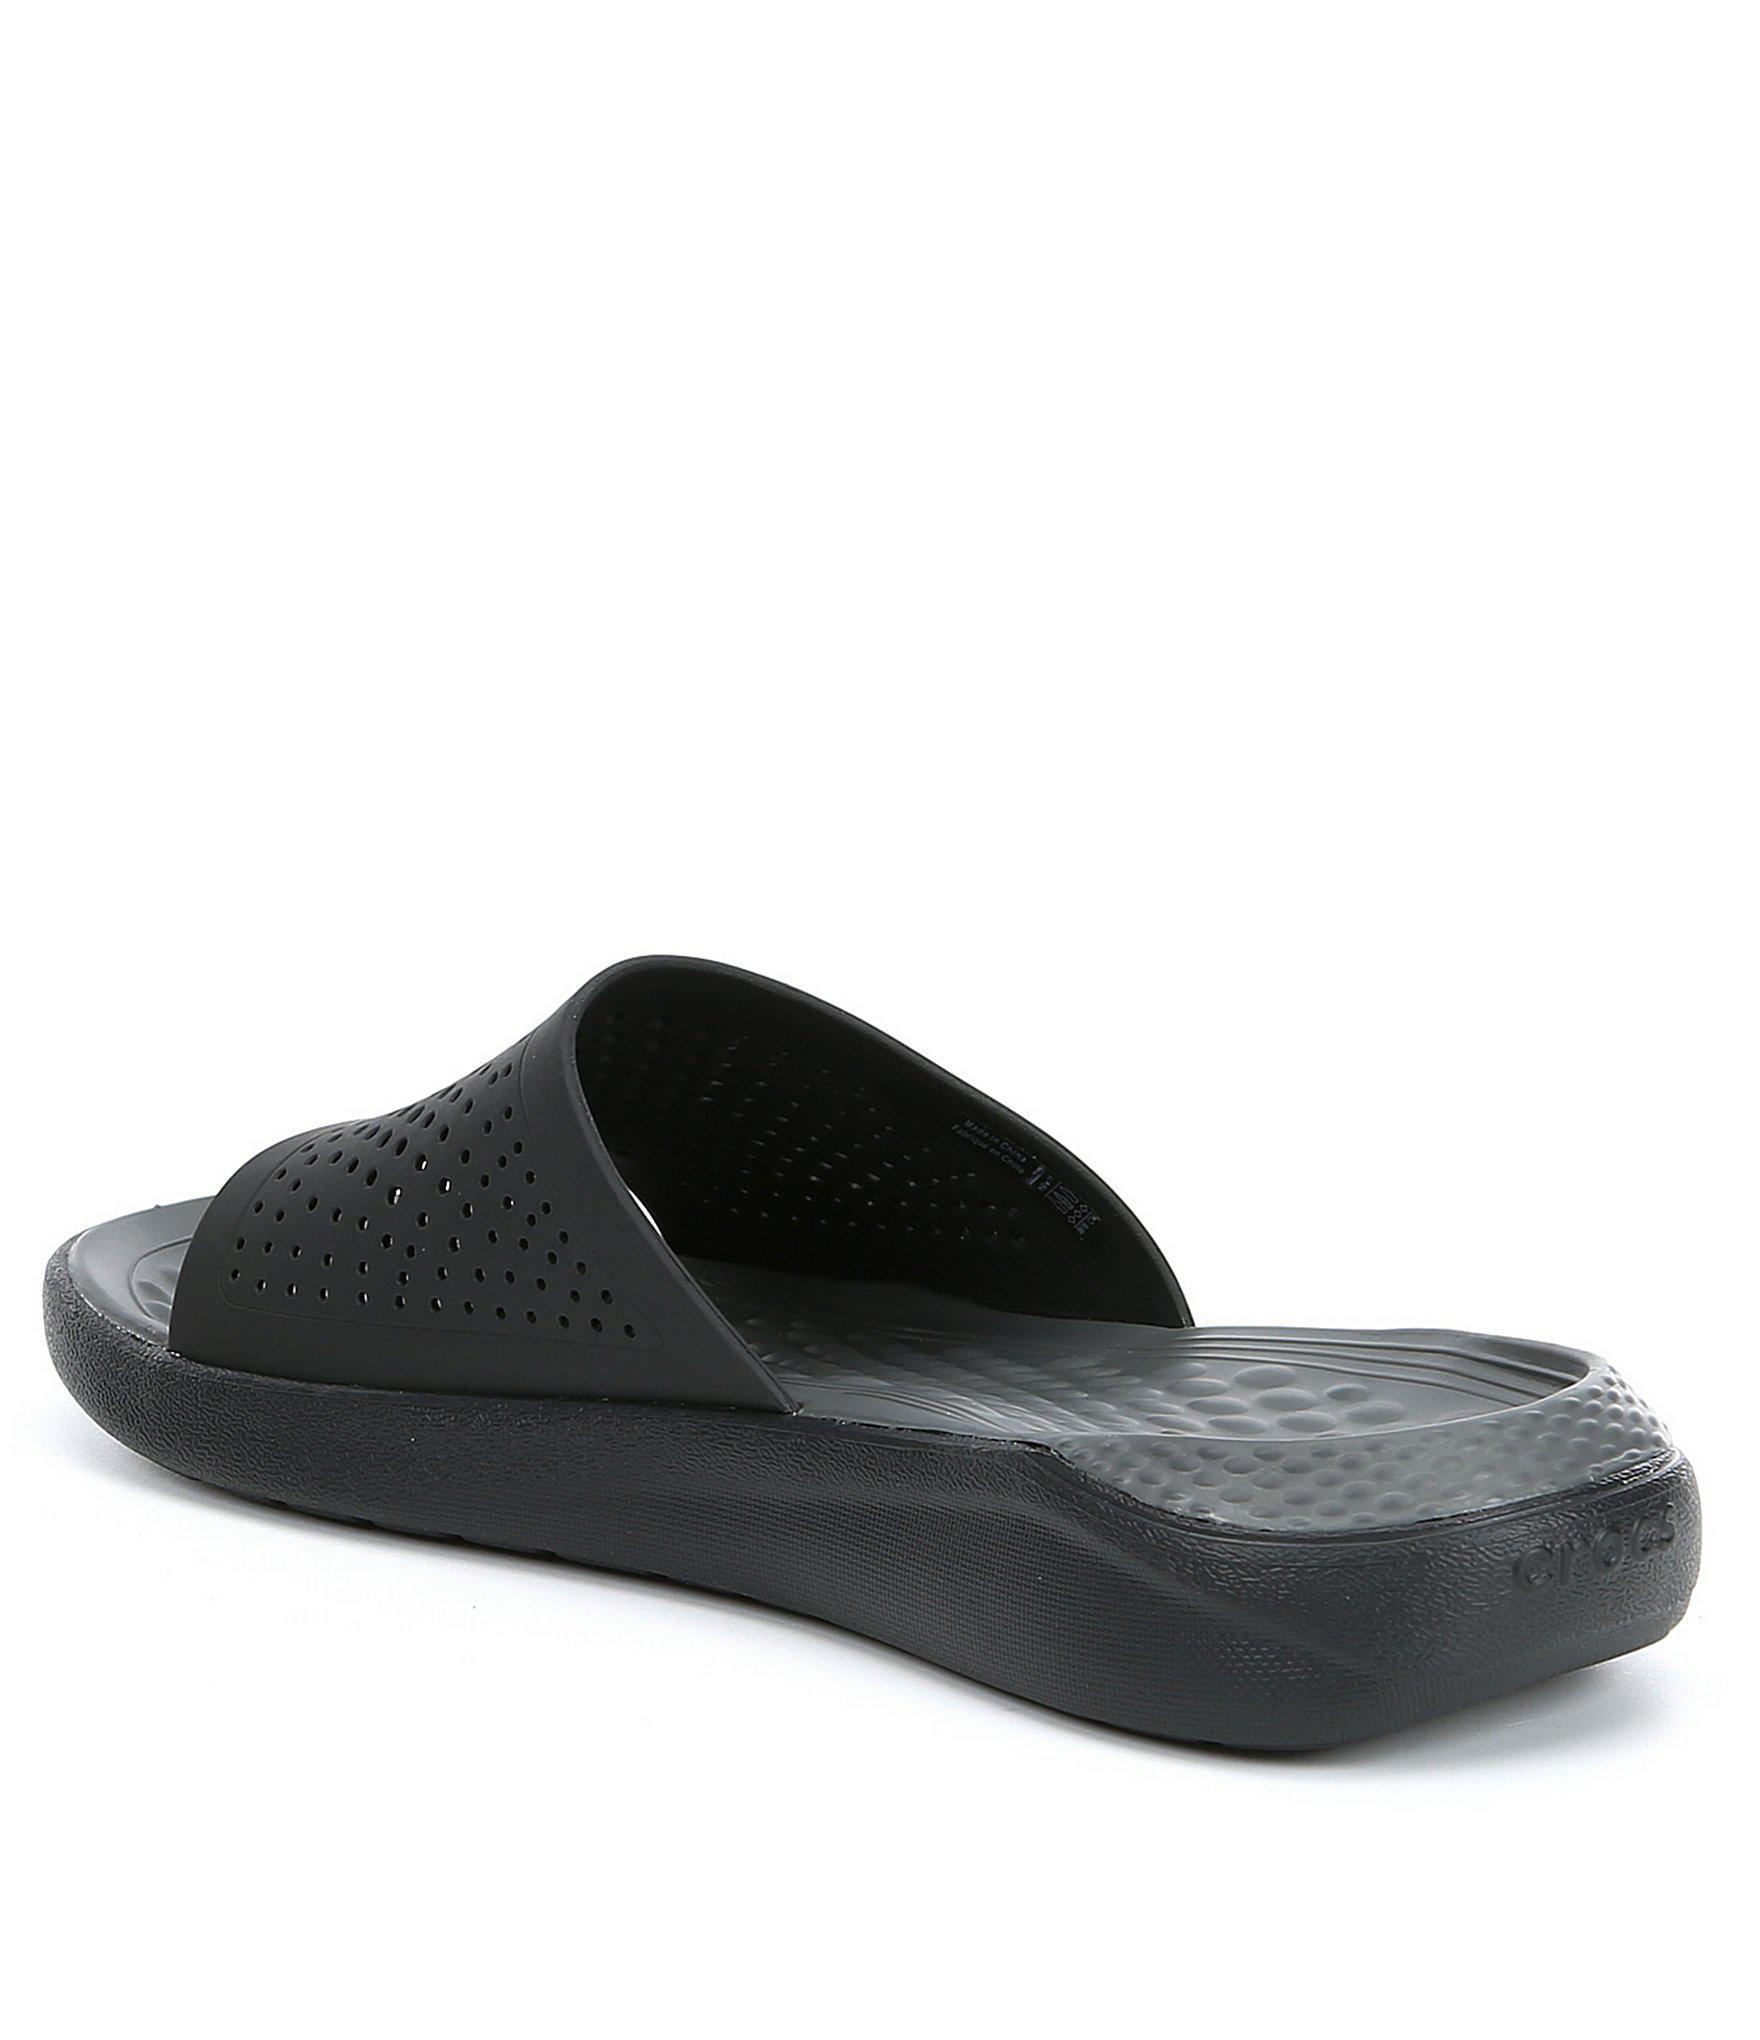 342337982a013 Crocs™ - Black Men s Literide (tm) Slide for Men - Lyst. View fullscreen